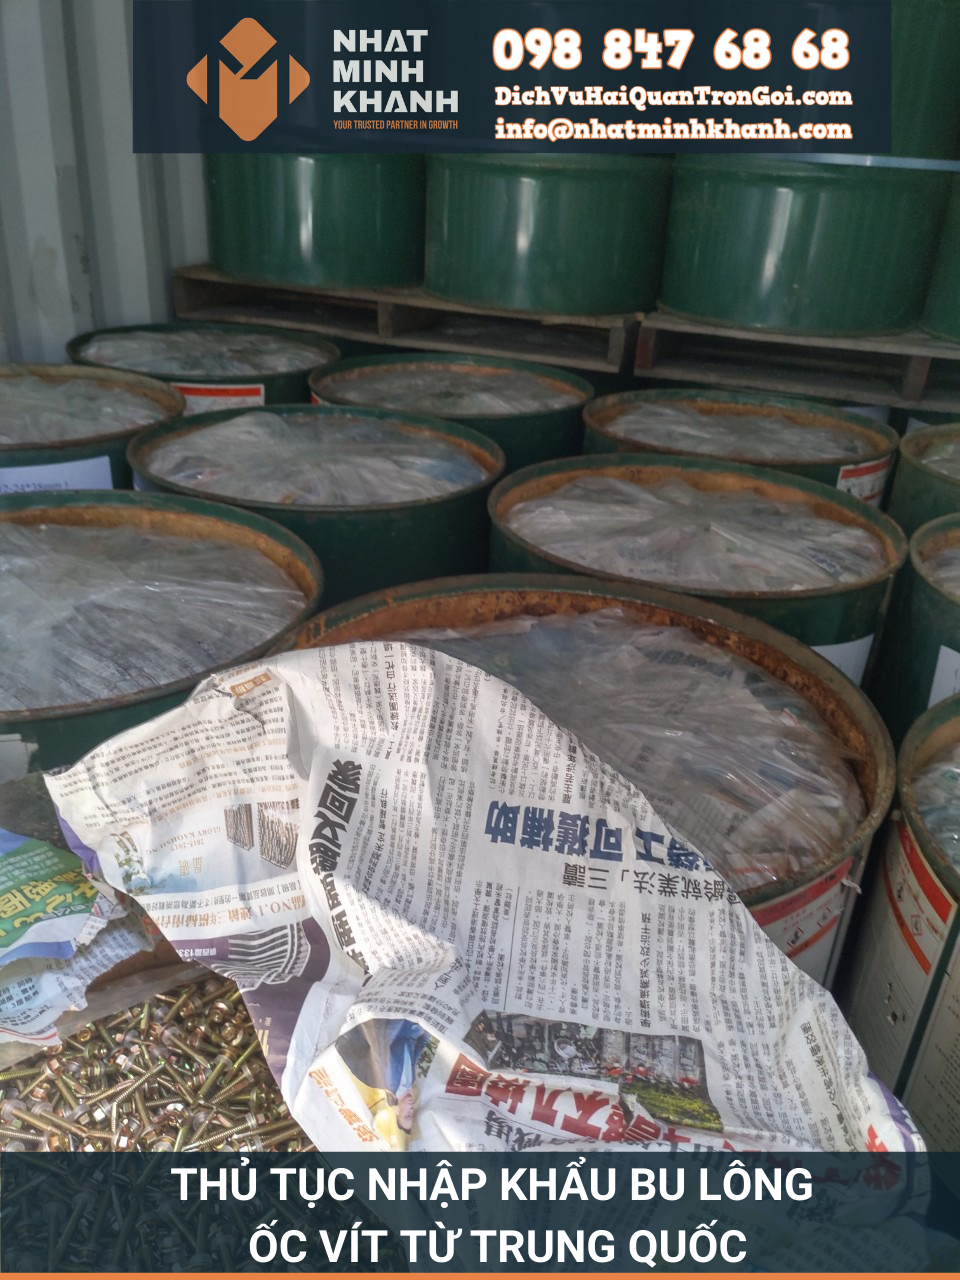 Thủ tục nhập khẩu bu lông, ốc vít từ Trung Quốc năm 2021 của Xuất Nhập Khẩu Nhật Minh Khánh